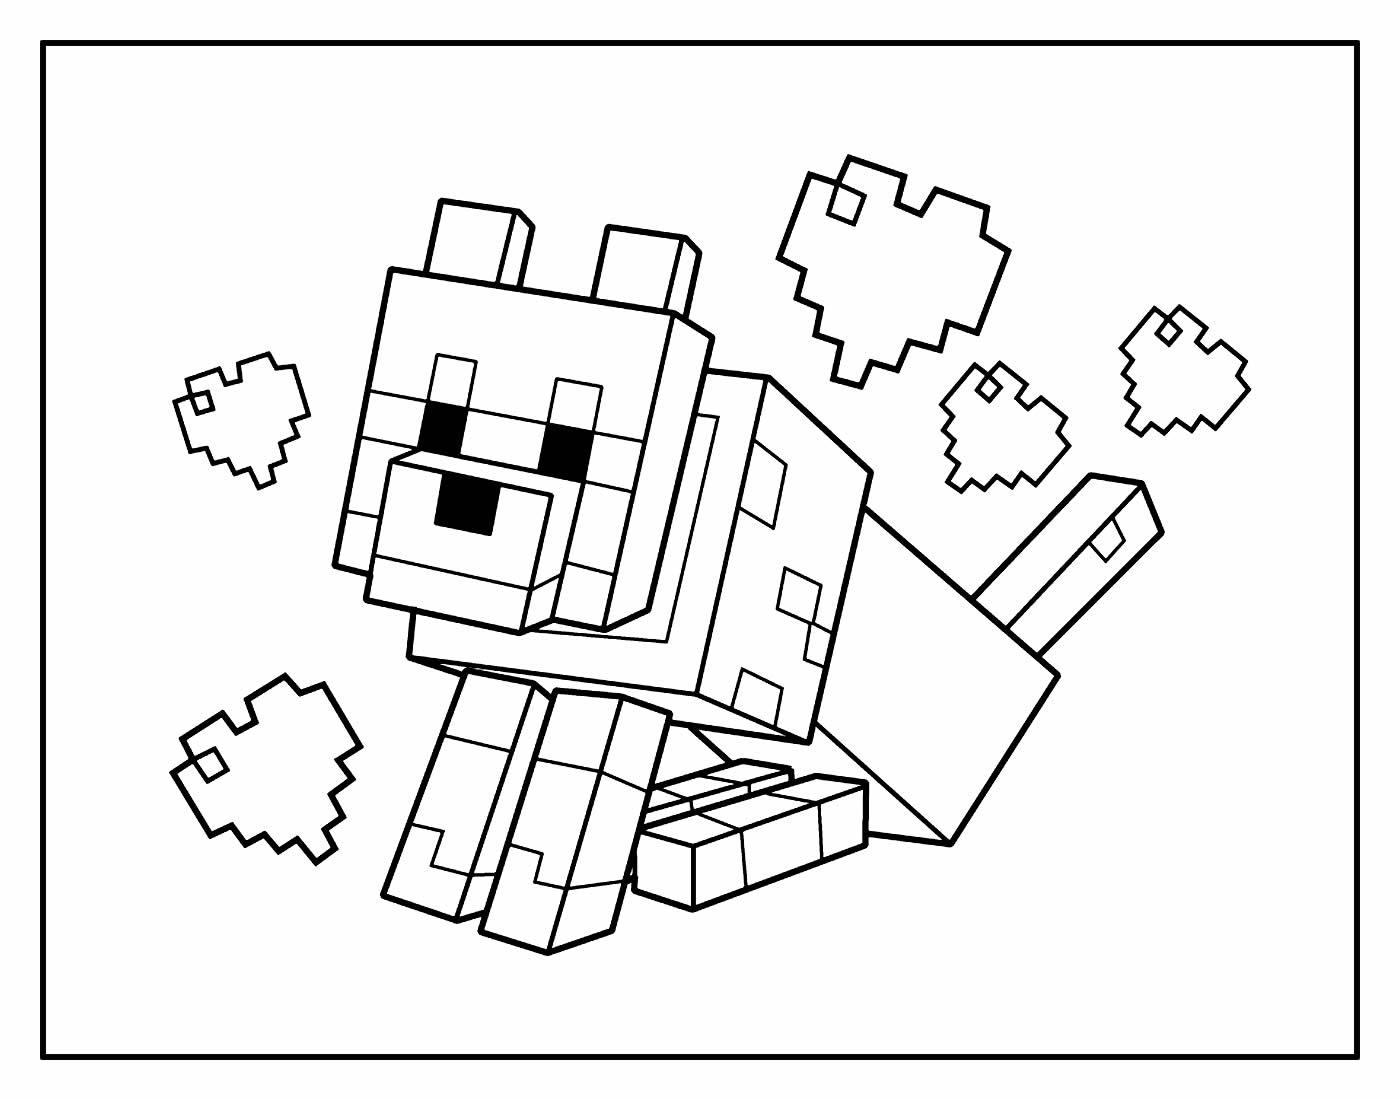 Desenho para colorir de Minecraft